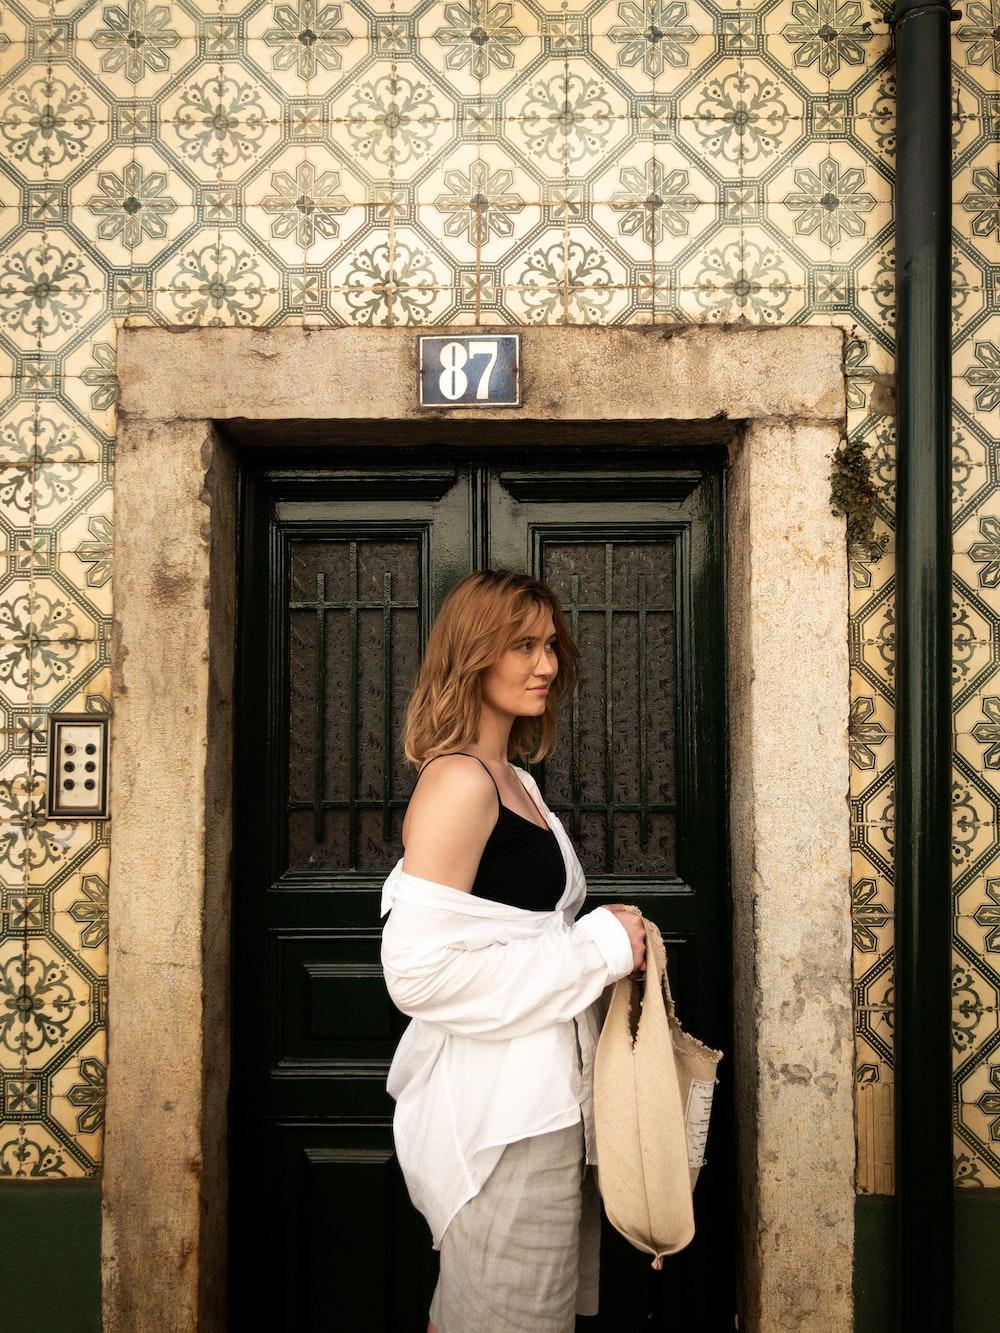 woman in white dress standing in front of black wooden door